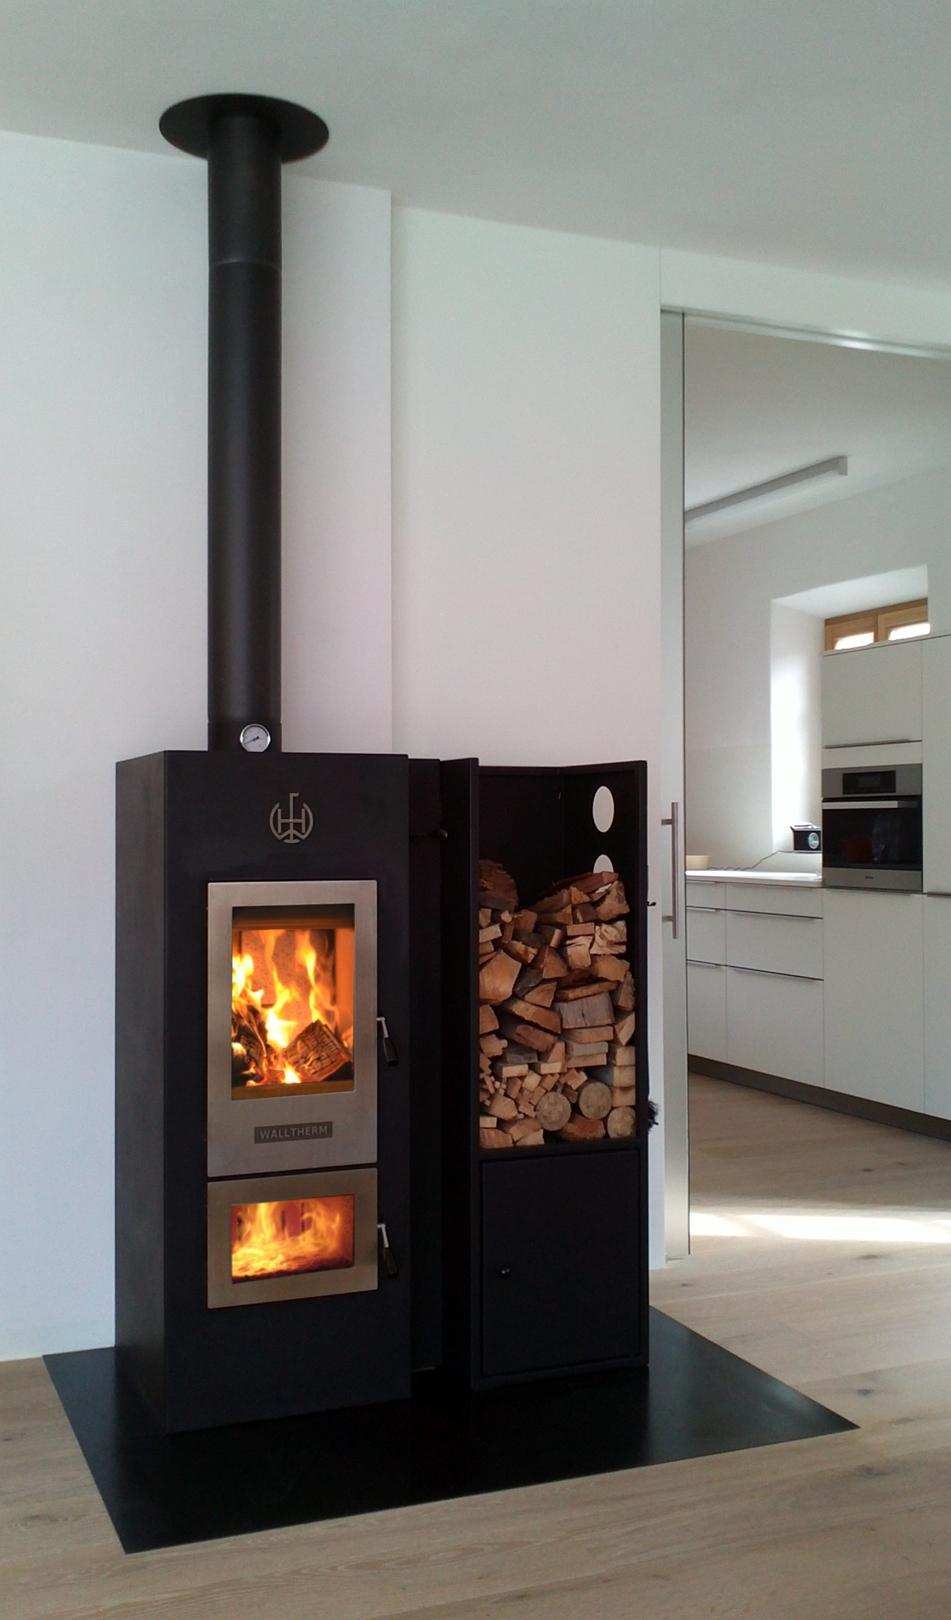 Houtgestookte CV kachel Walltherm via Eco2All - duurzaam verwarmen